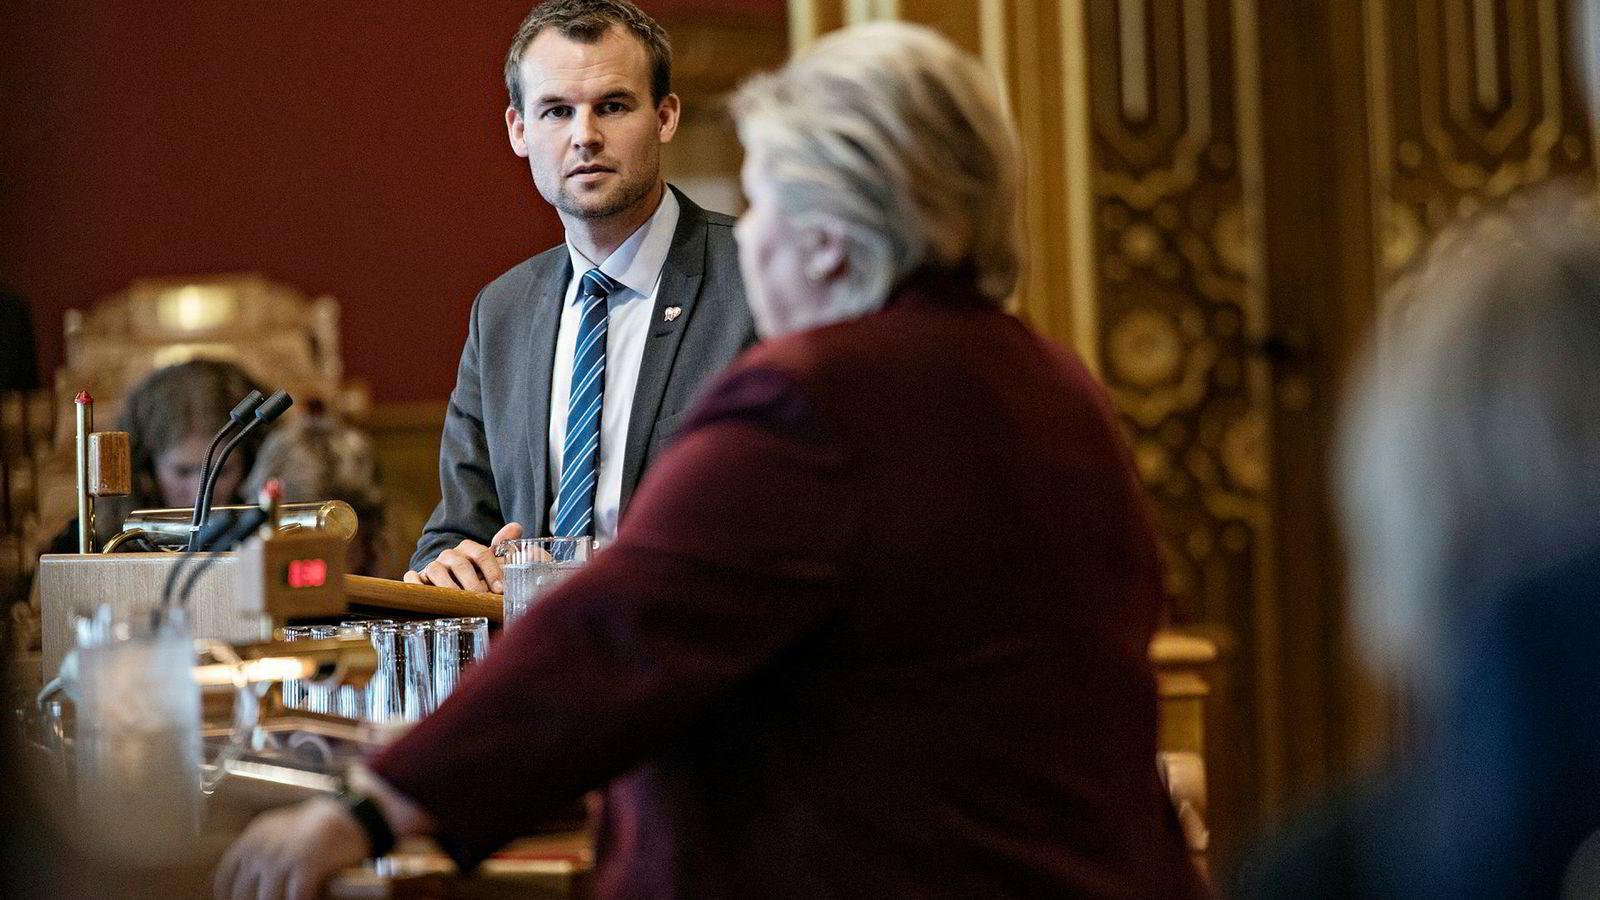 Fredag besøker statsminister Erna Solberg hjembygden til Kjell Ingolf Ropstad. Her er de i spontan spørretime på Stortinget.